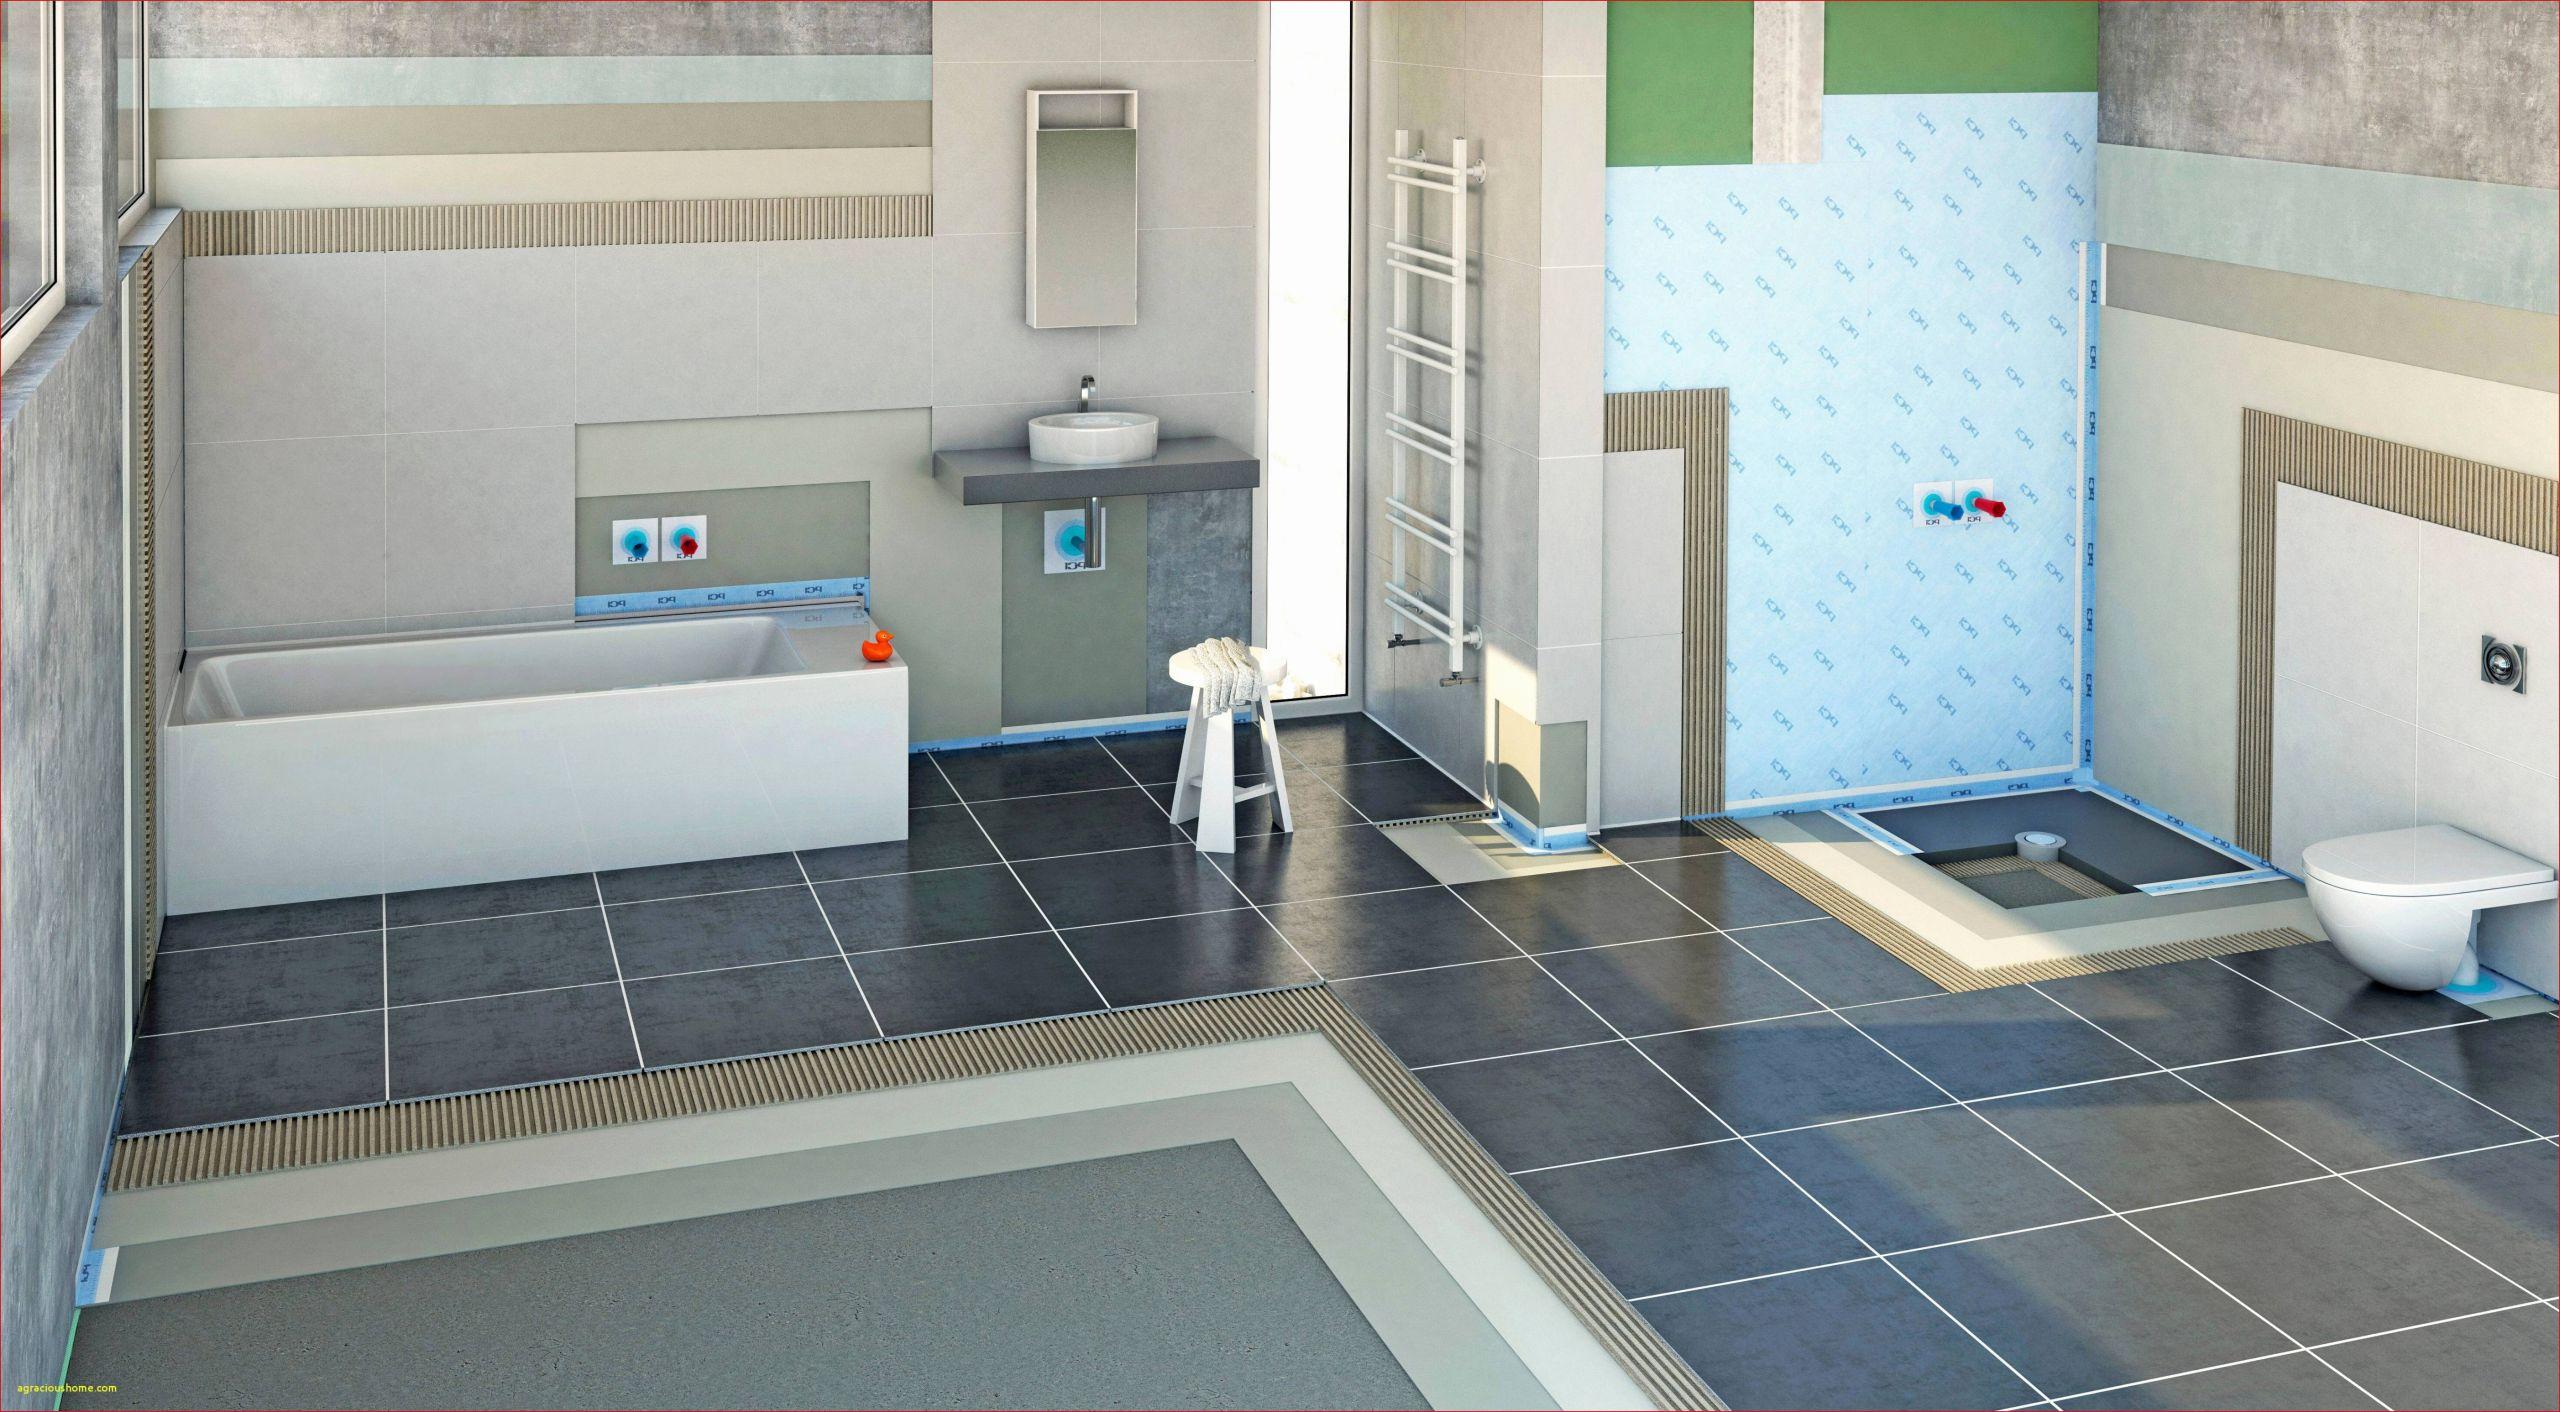 deko aus holz fur wohnzimmer inspirational bader im landhausstil temobardz home blog of deko aus holz fur wohnzimmer